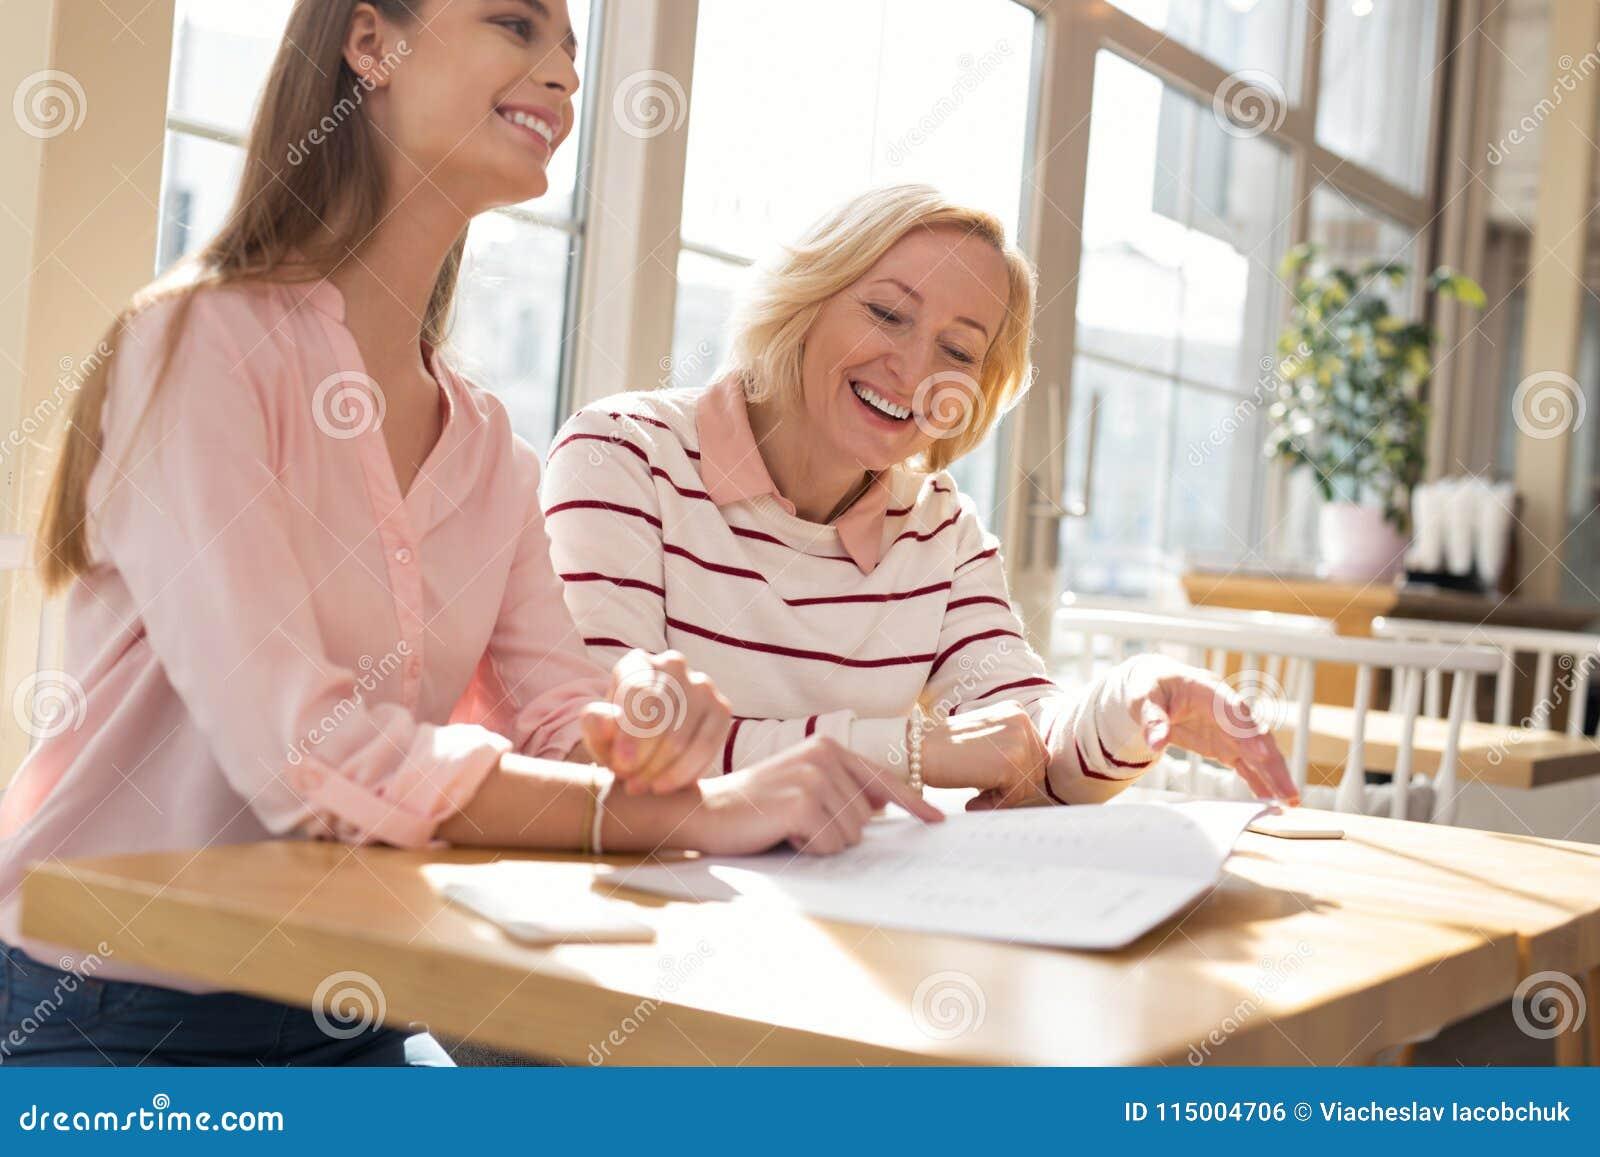 Ενθουσιώδης γιαγιά που συζητά τη οικογενειακή επιχείρηση με την εγγονή της